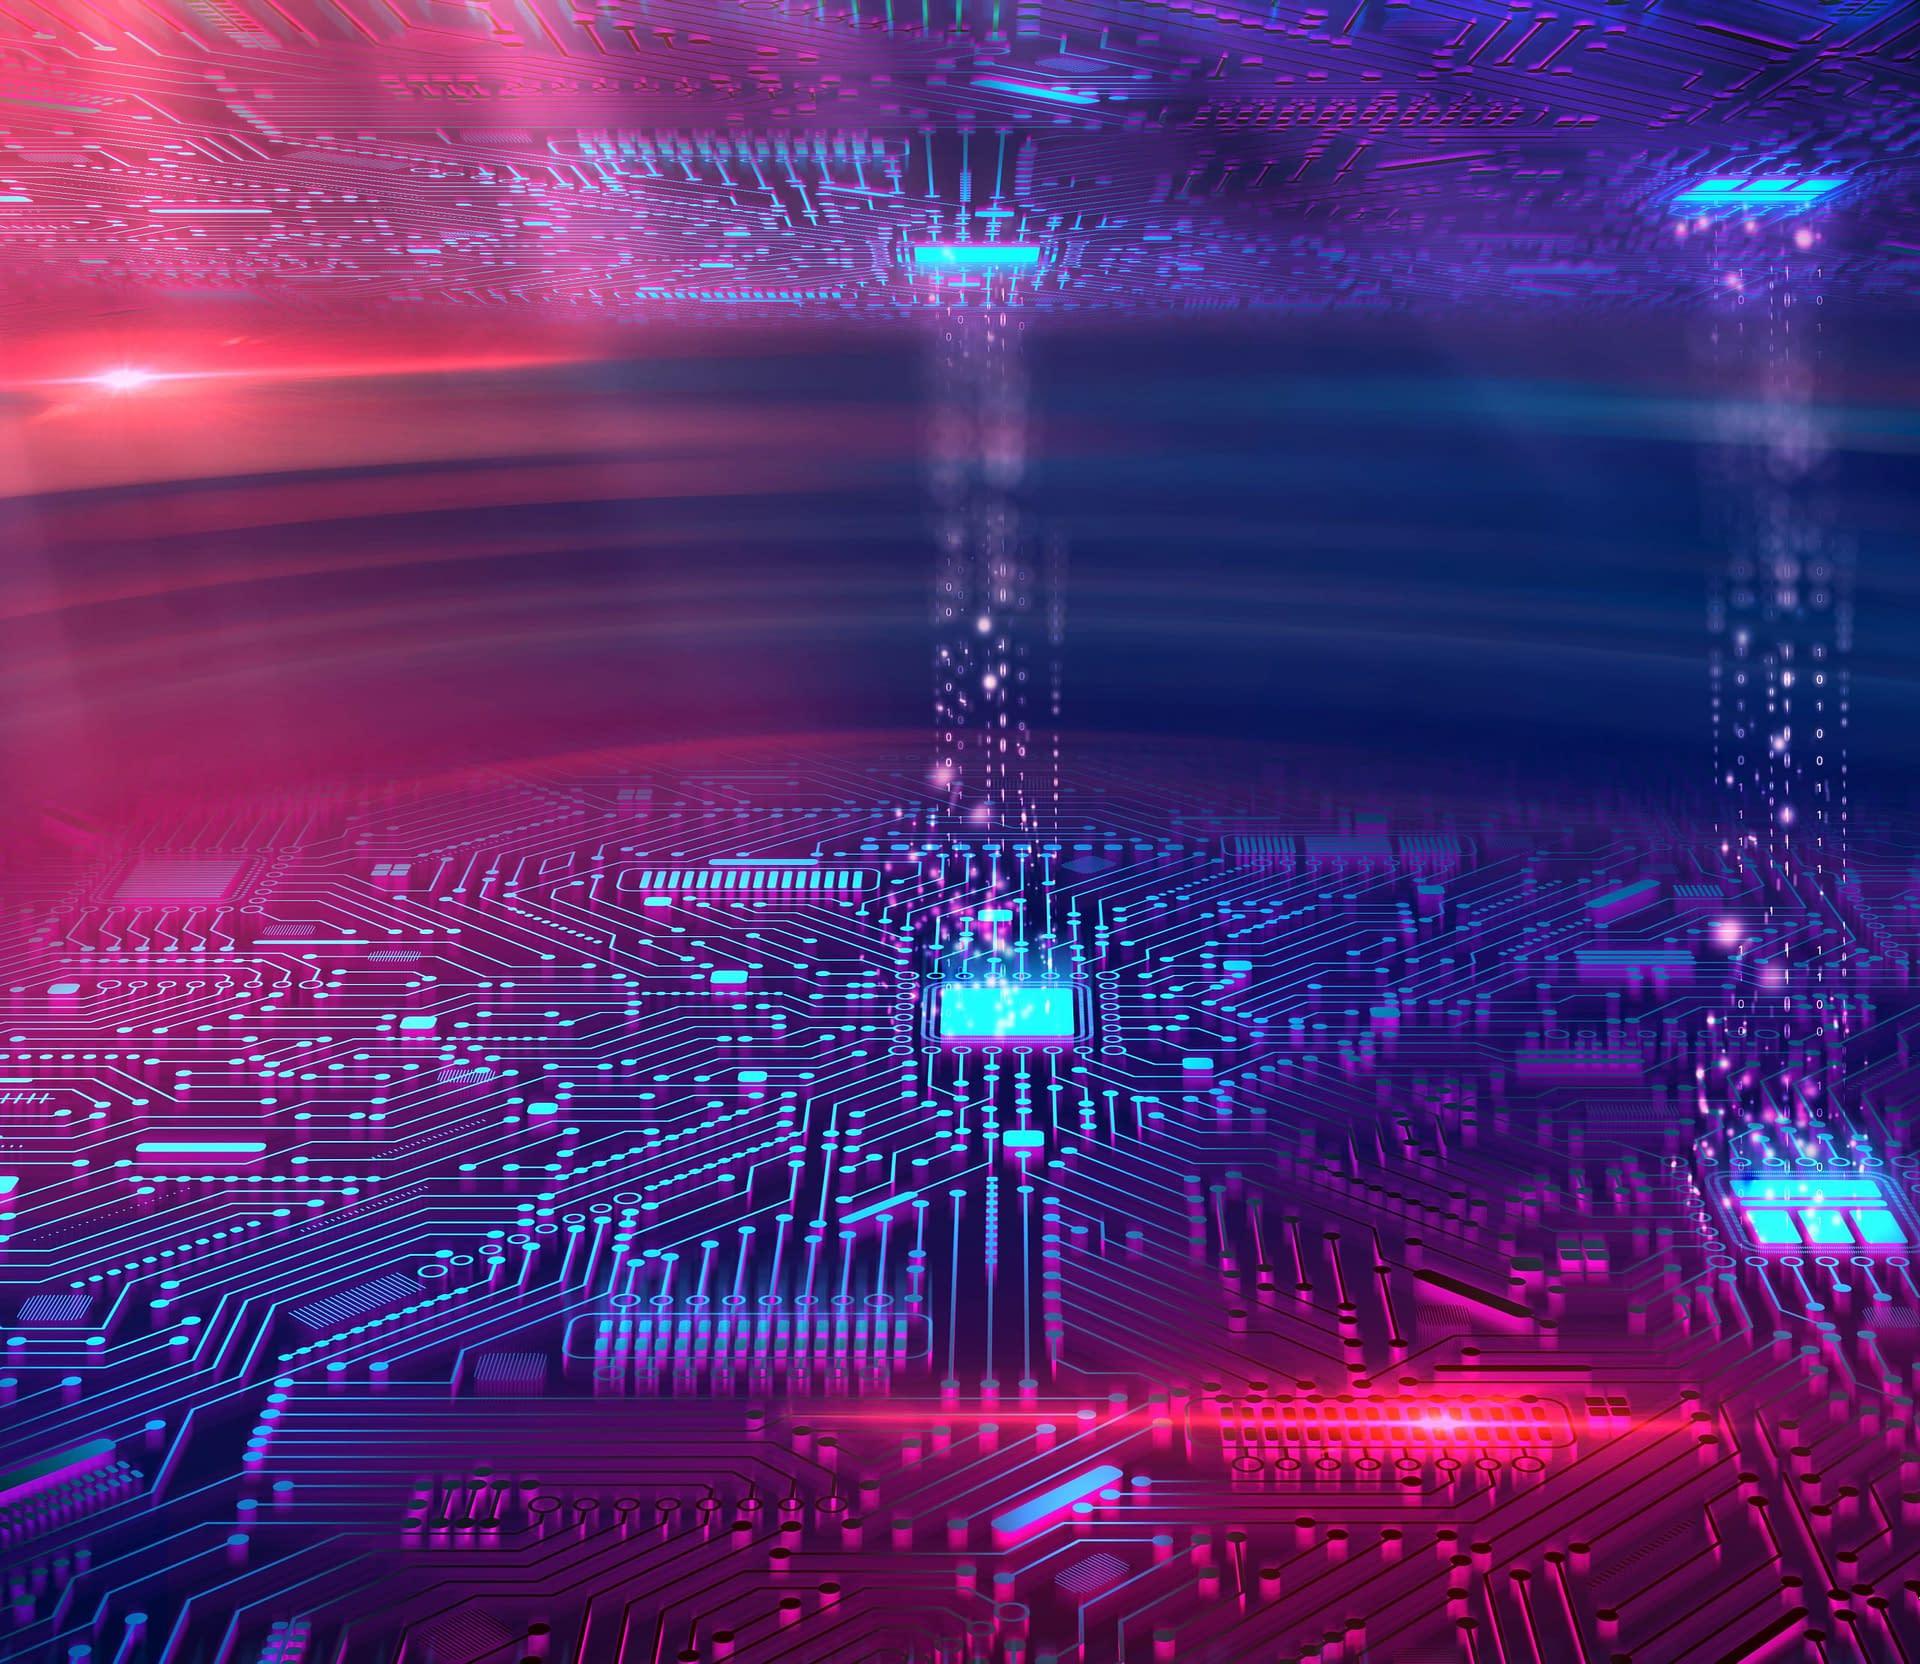 fornax big data